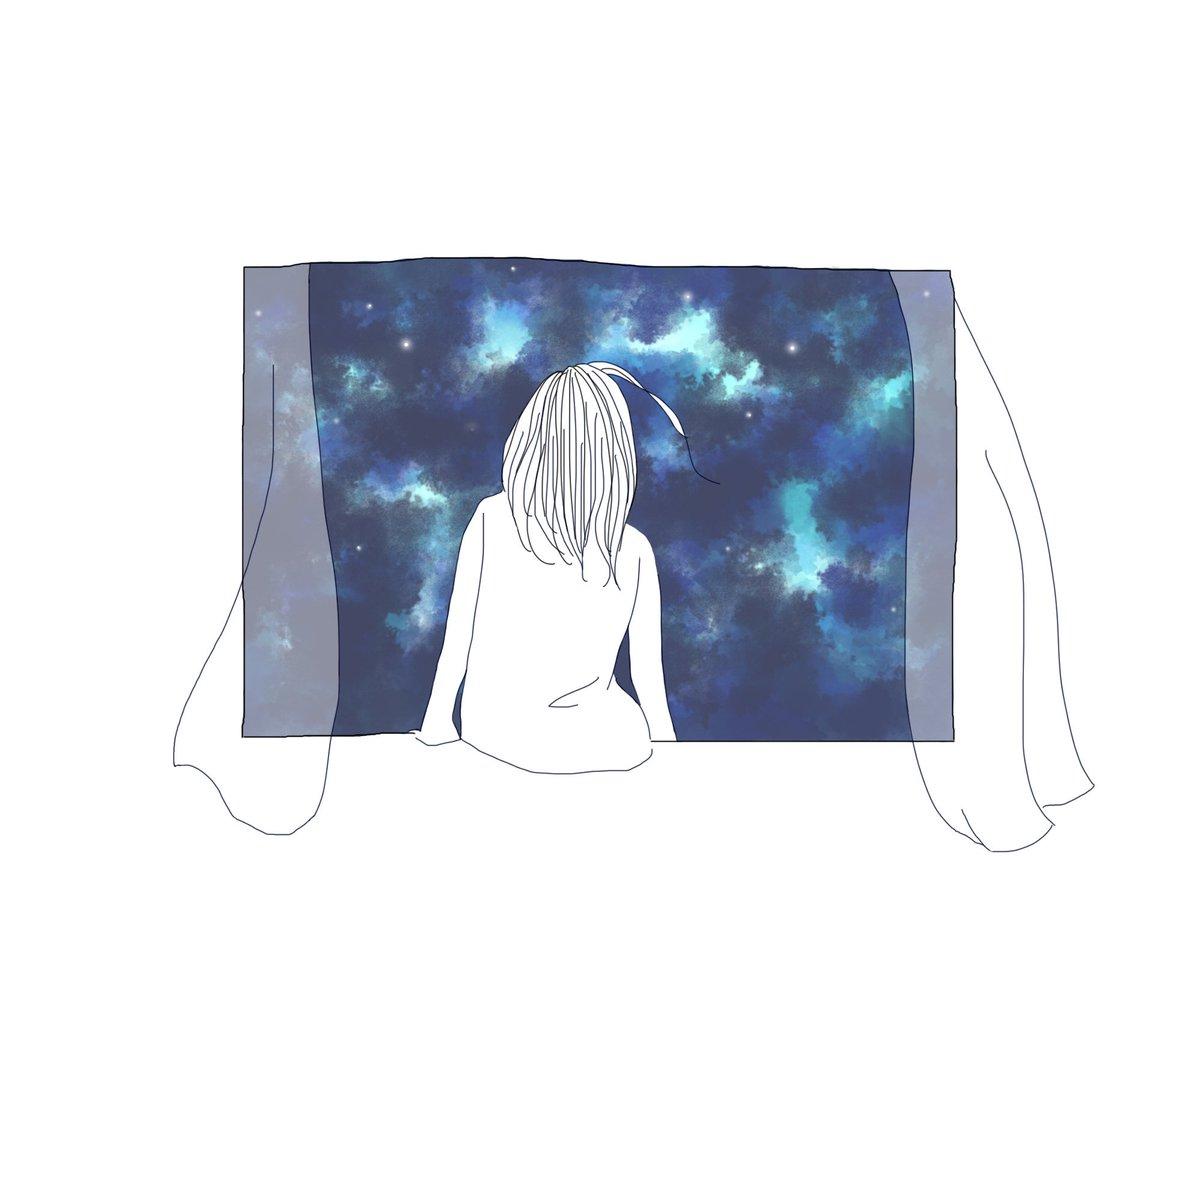 夏 در توییتر 遠くて綺麗 近すぎて見えない 星 星空 夜空 夜 窓辺 少女 イラスト イラストレーター イラスト好きな人と繋がりたい Star Night Stars Illustration Illustrator